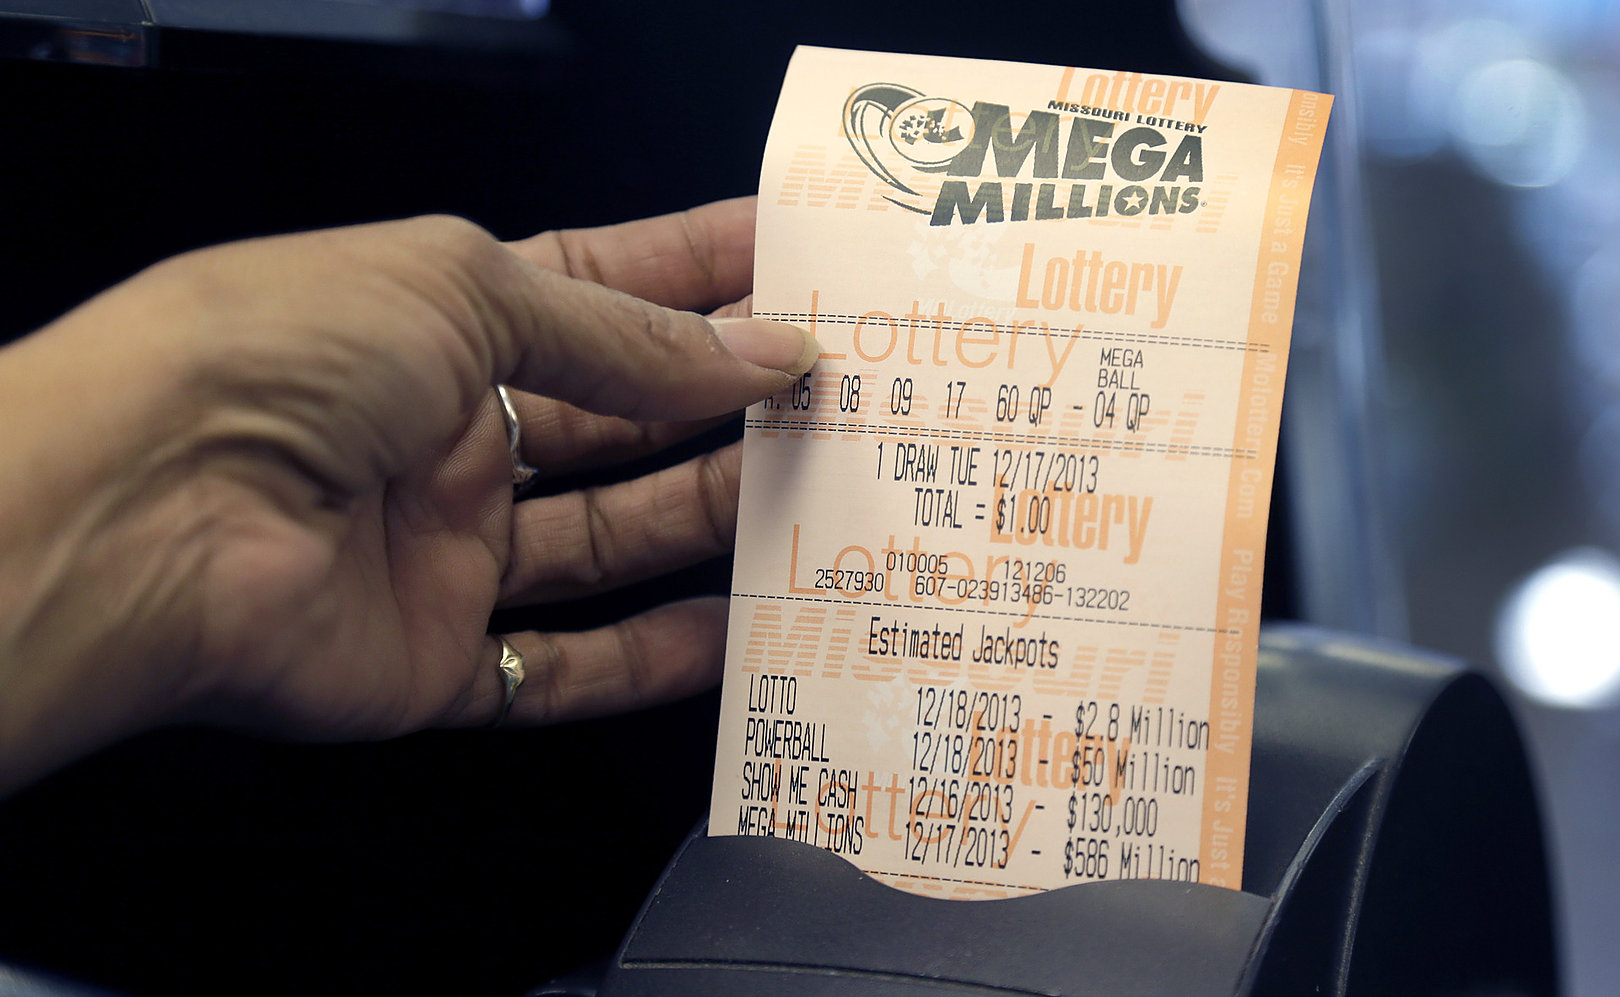 Megamillions - обзор одной из крупнейших лотерей